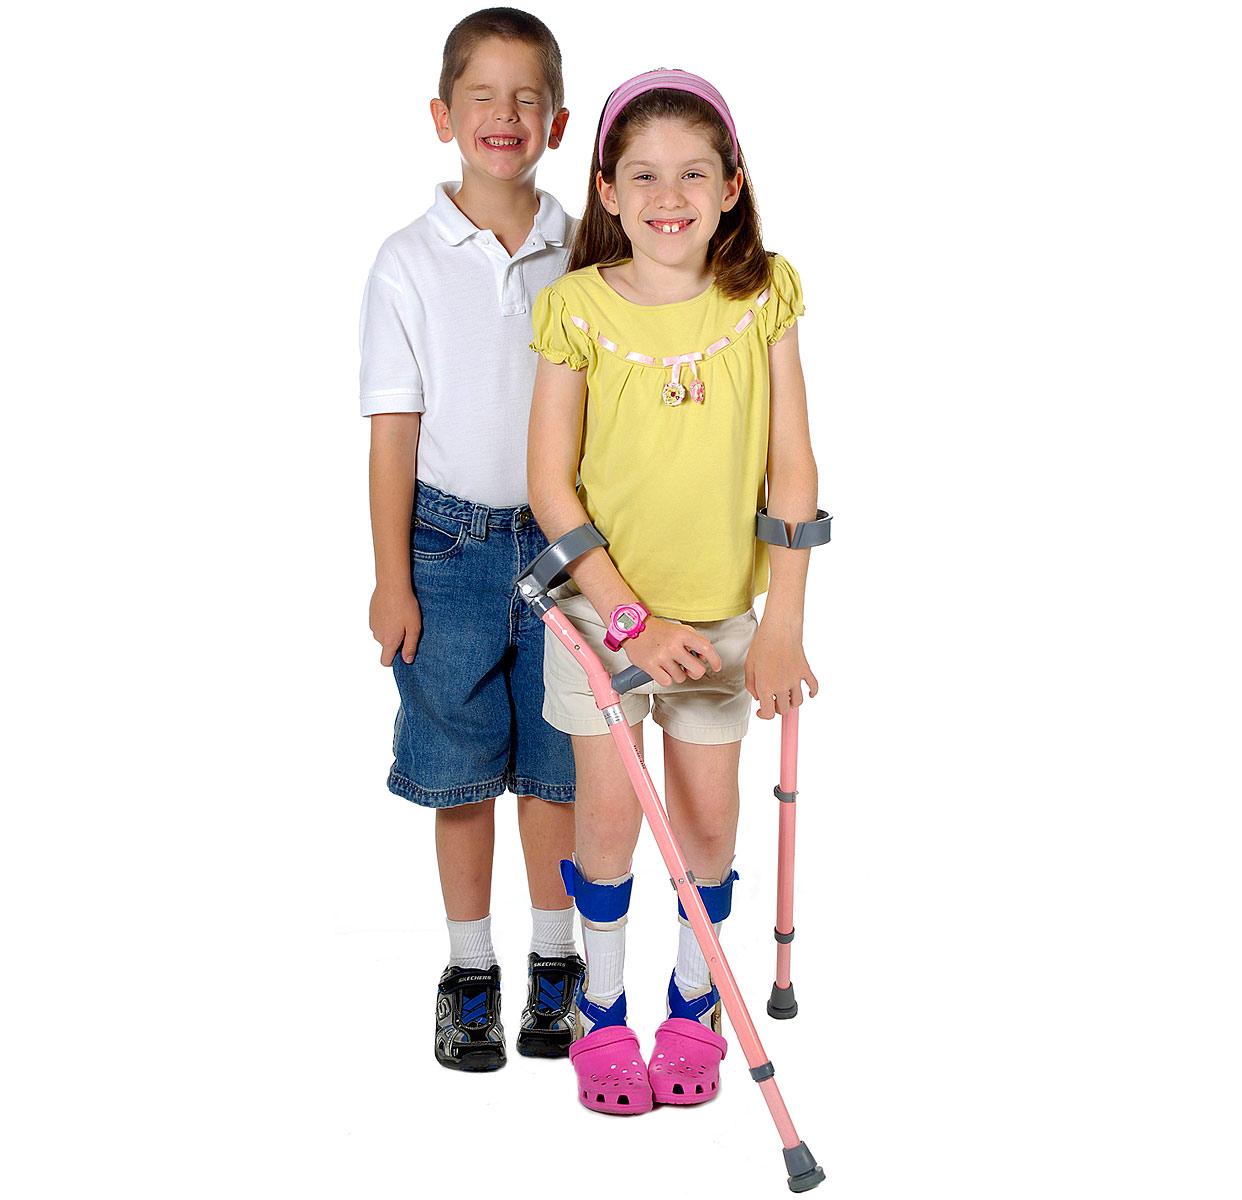 spina bifida patient